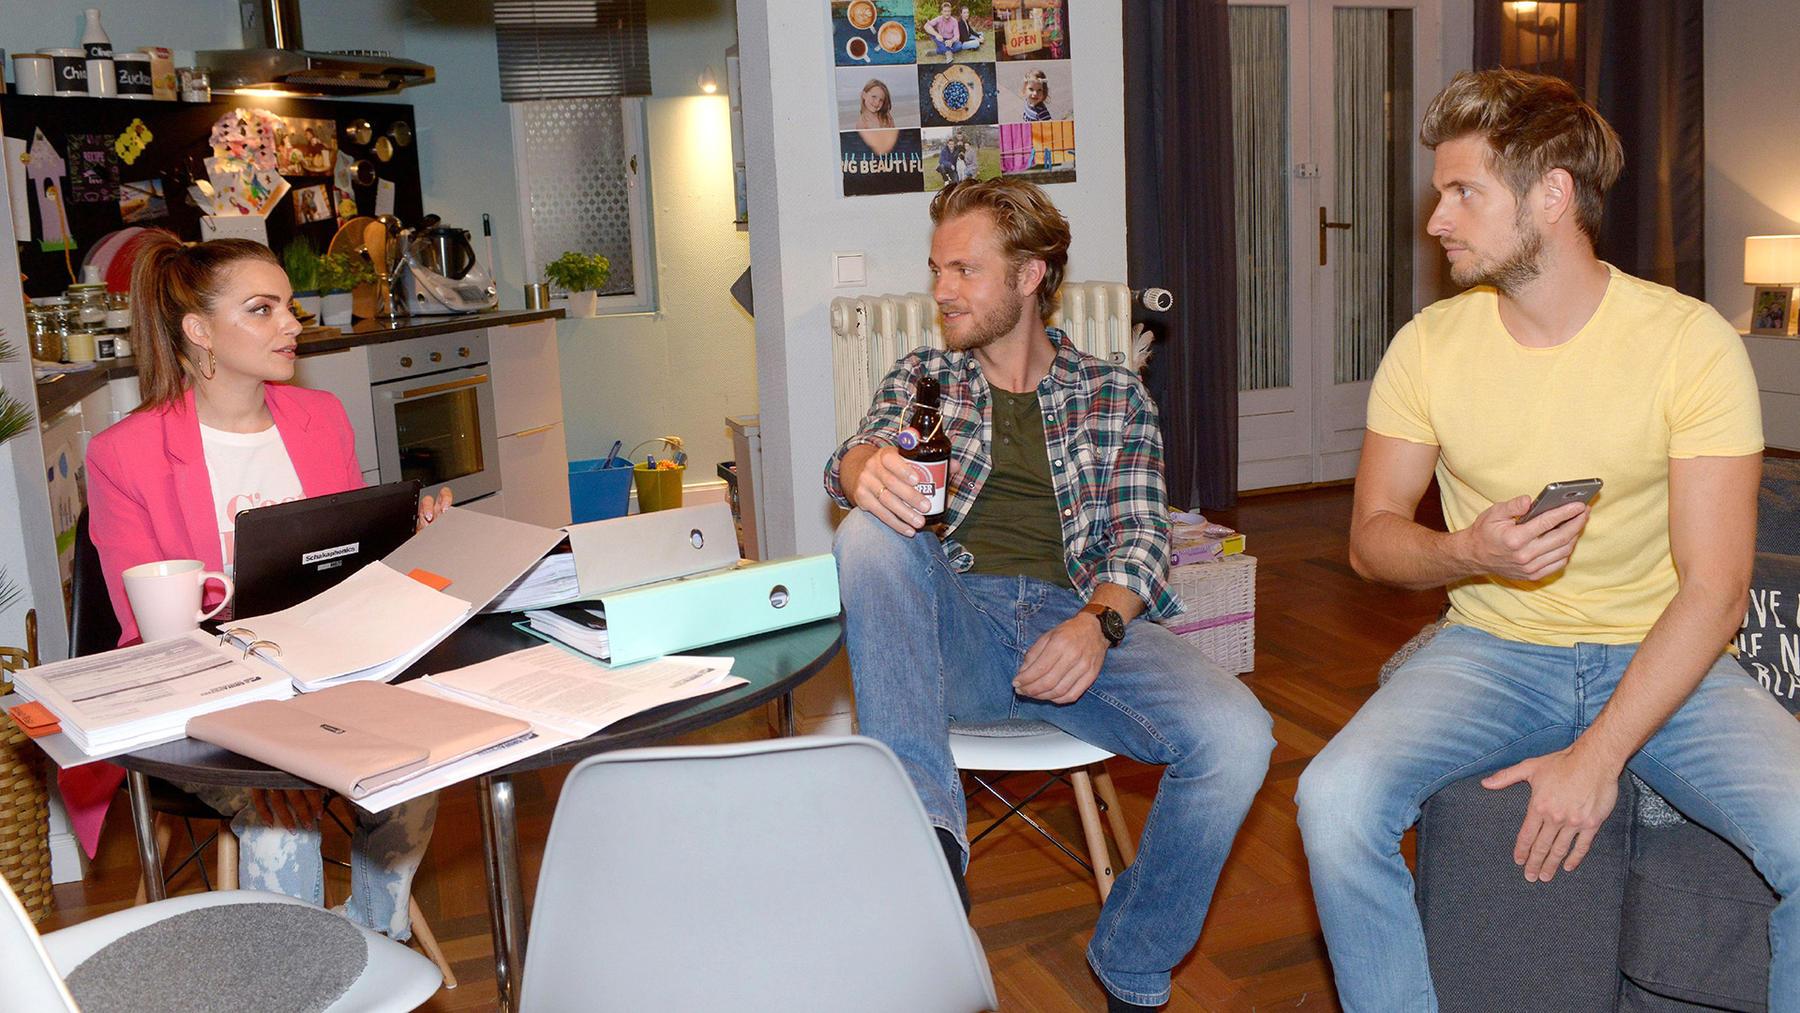 Paul und Philip versuchen Emily von ihrer Arbeit abzulenken